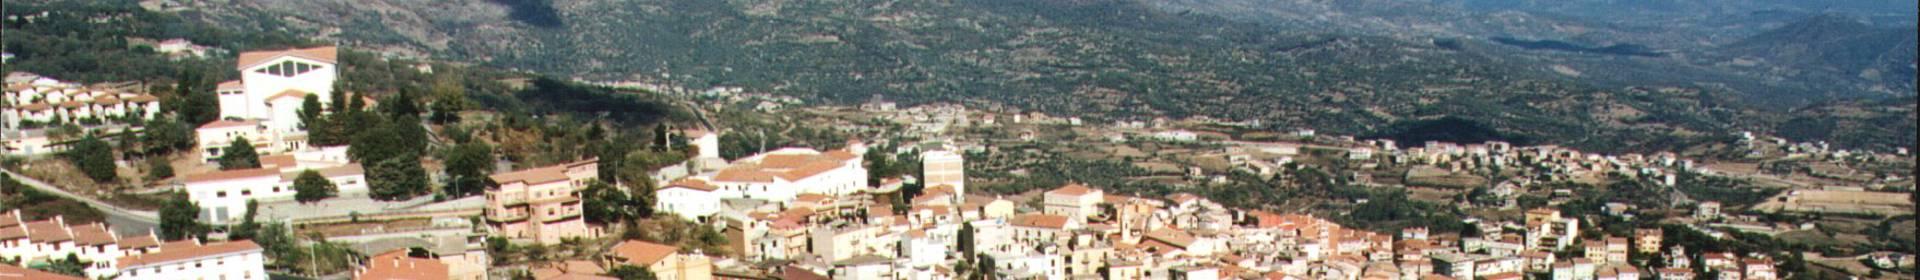 Province of Ogliastra